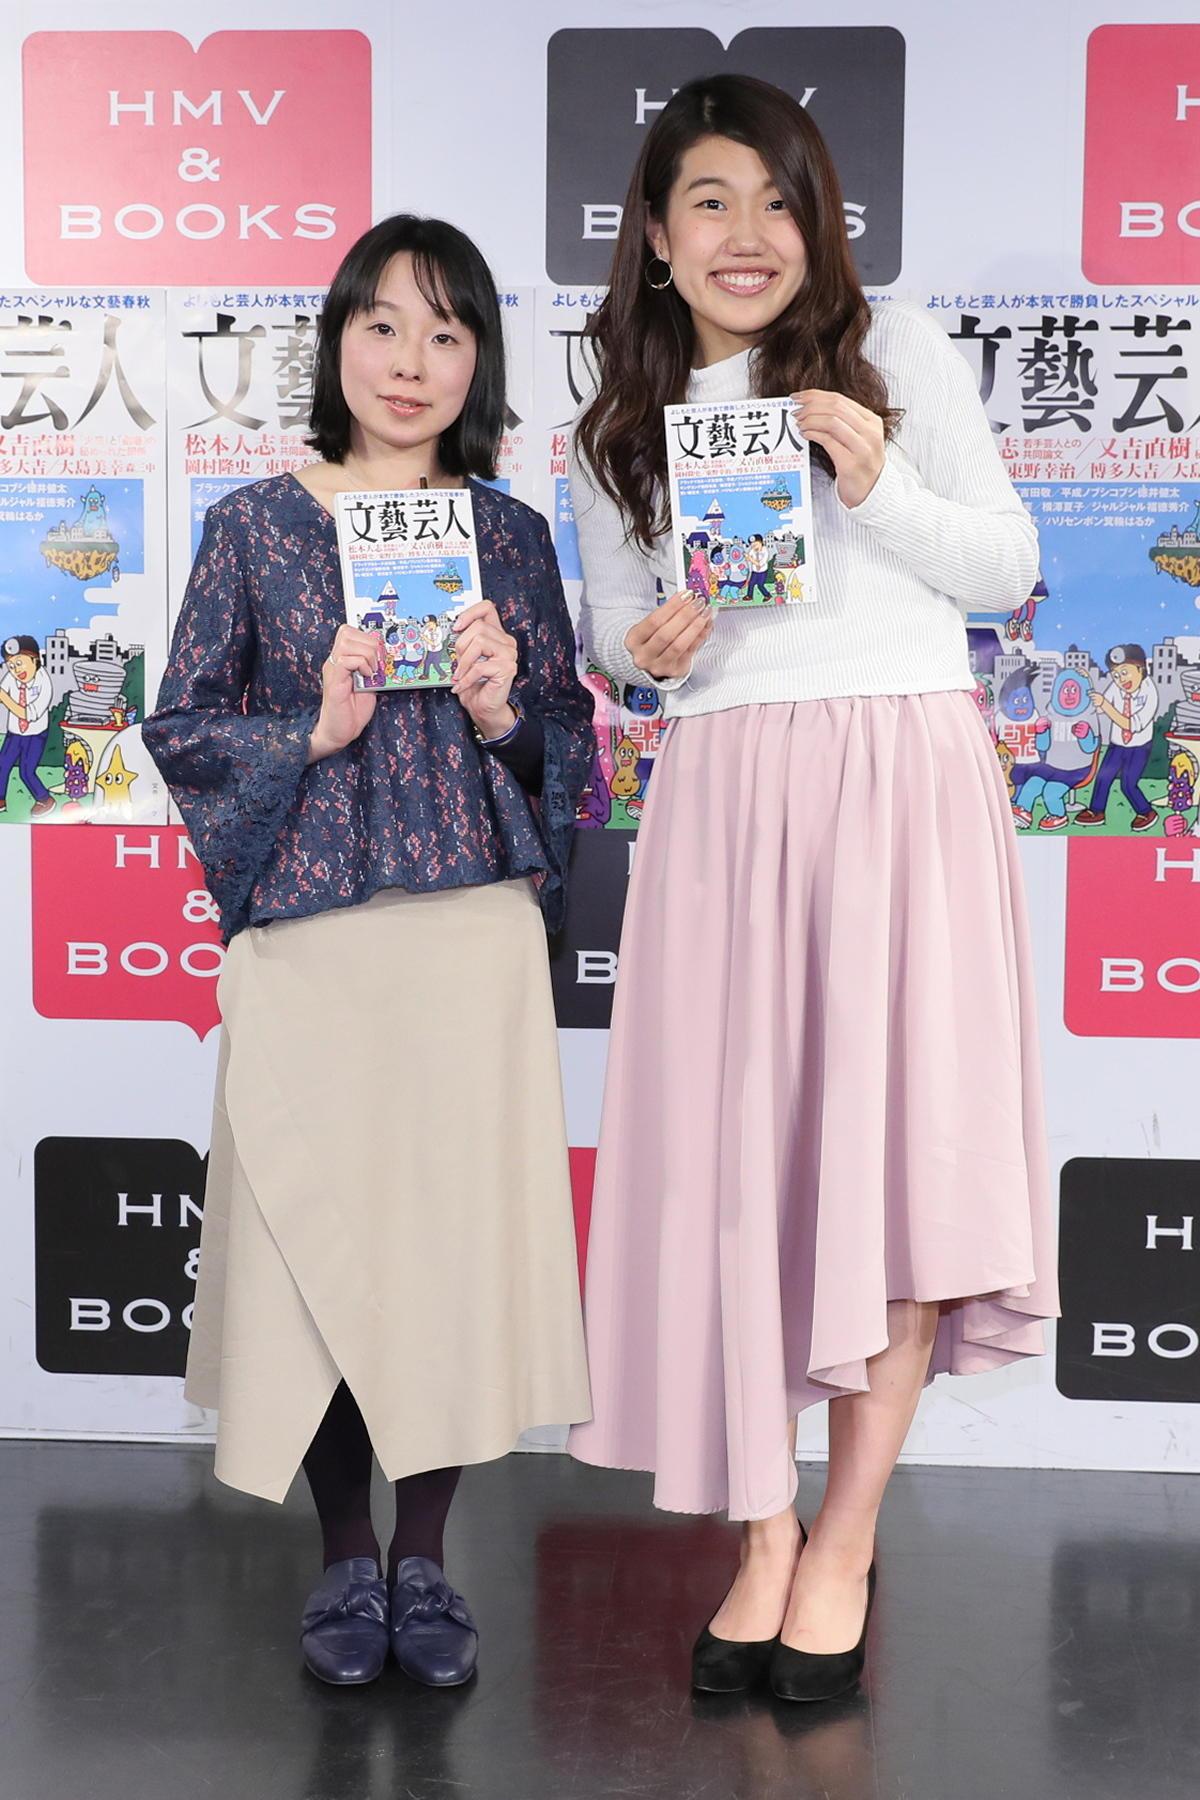 http://news.yoshimoto.co.jp/20170330194917-3f24ed2247c0cd7ce0102c95547d7a72f27b9359.jpg